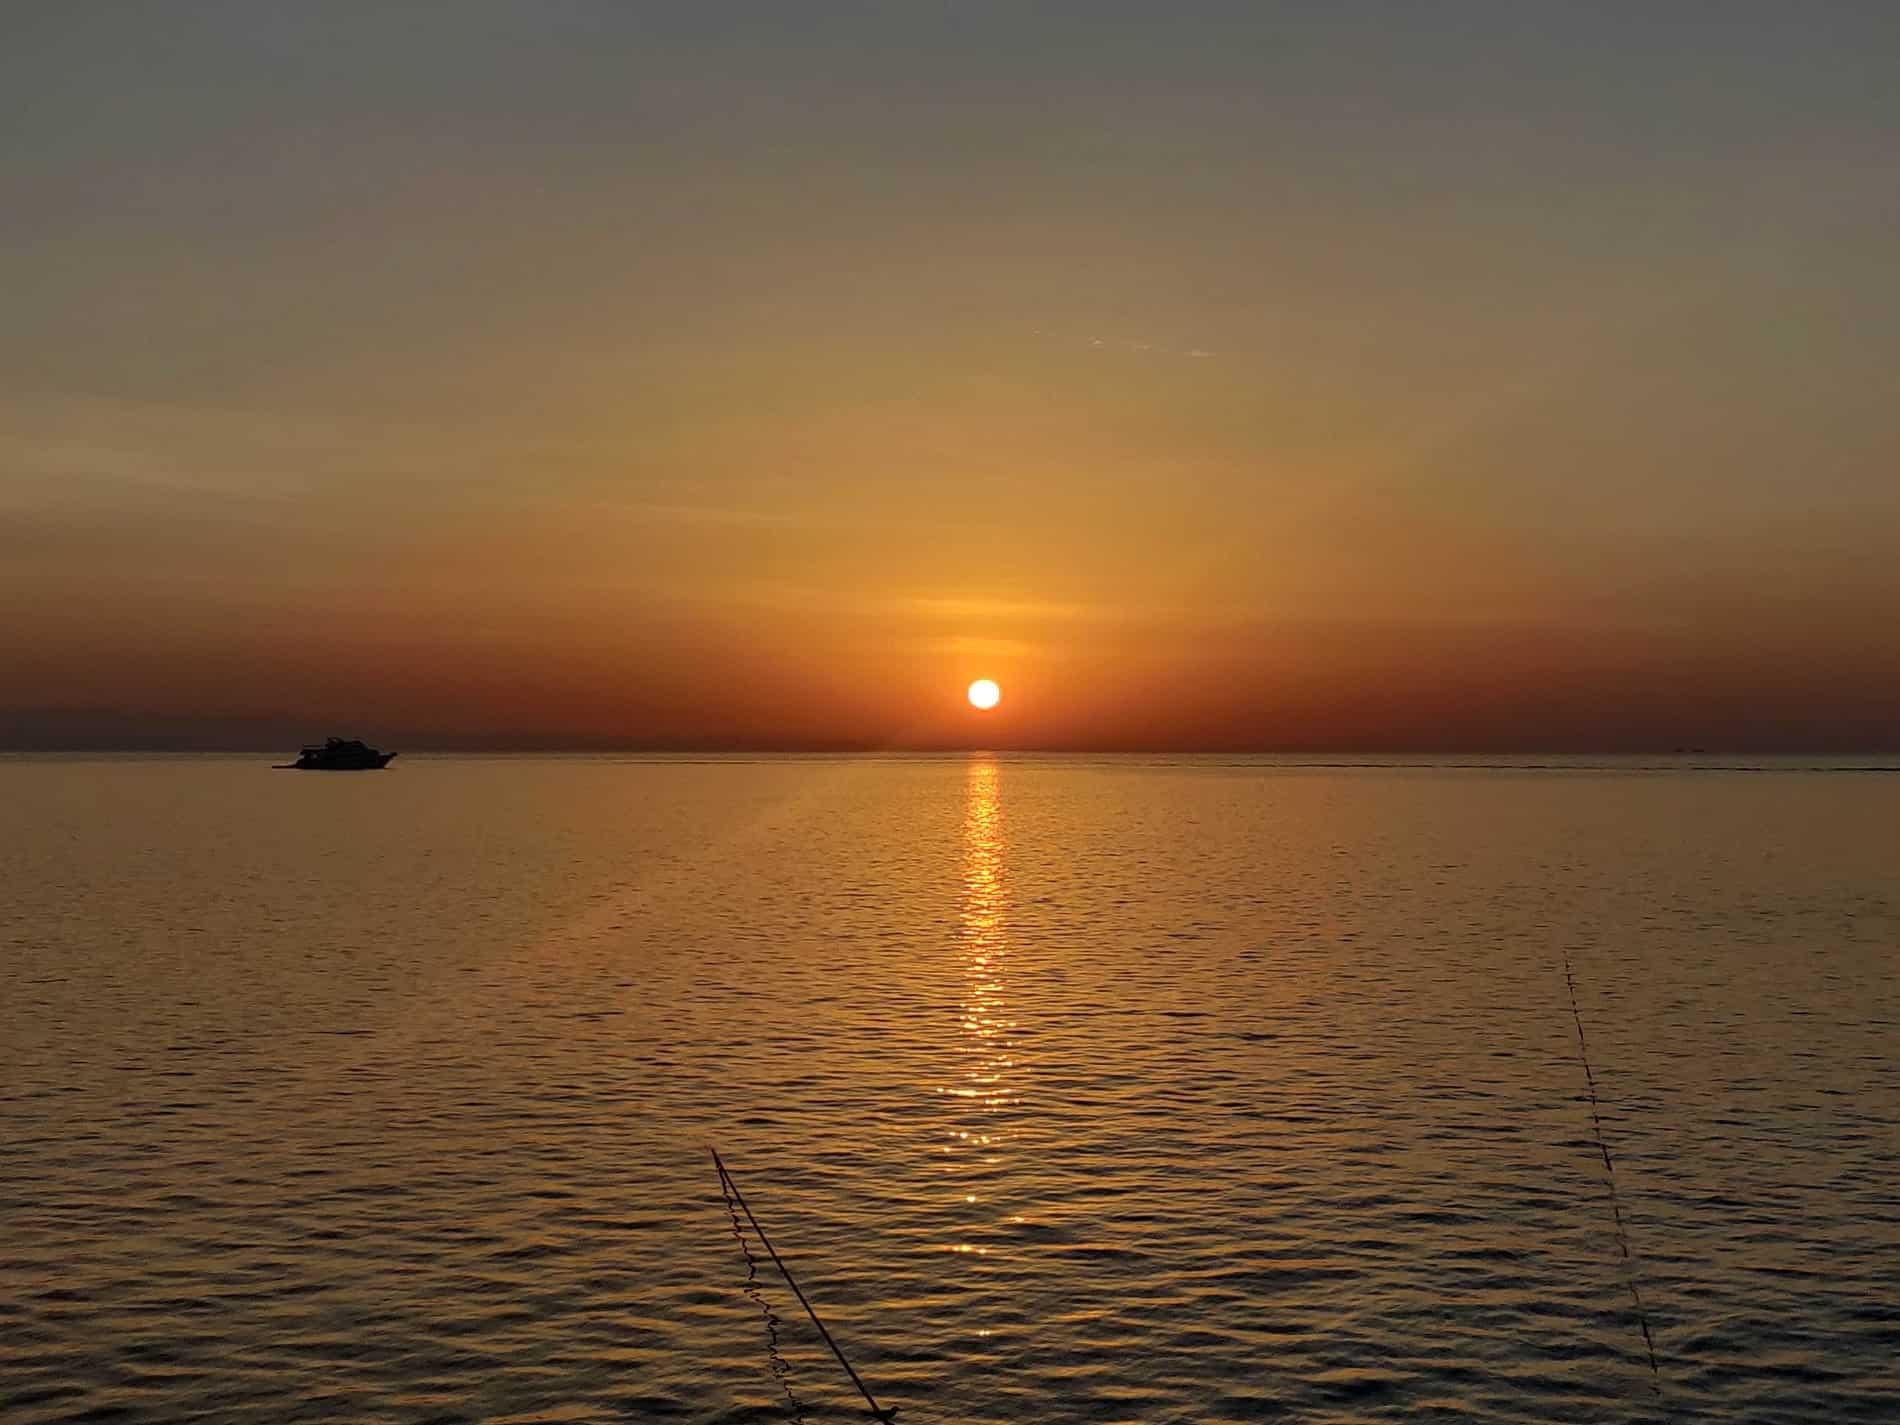 sunset-on-the-sataya-reef-min